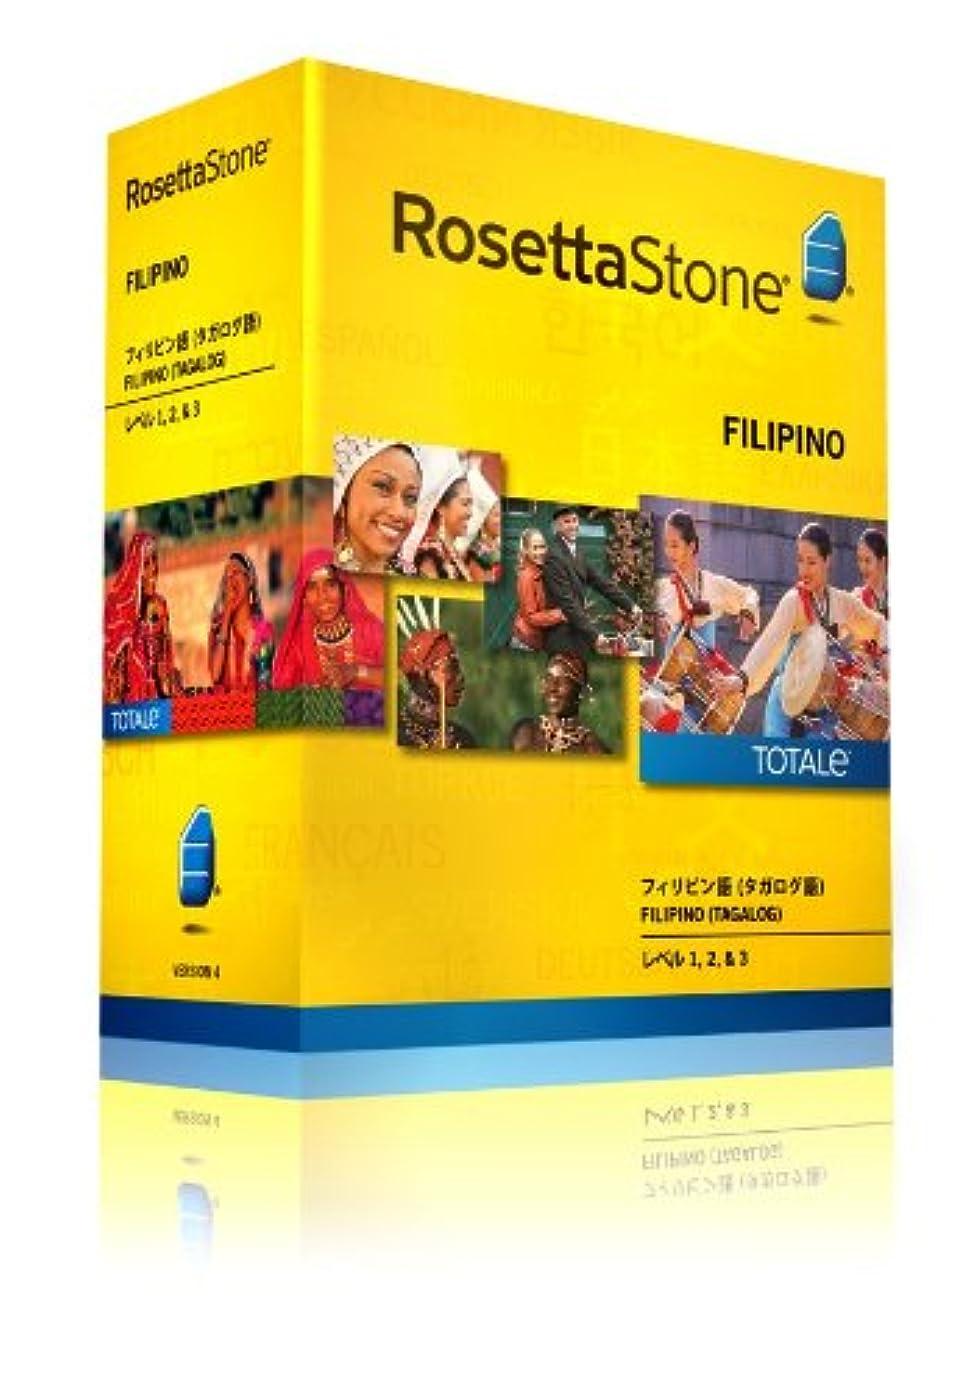 球状復活する検証ロゼッタストーン フィリピン語 (タガログ語) レベル1、2&3セット v4 TOTALe オンライン9カ月版